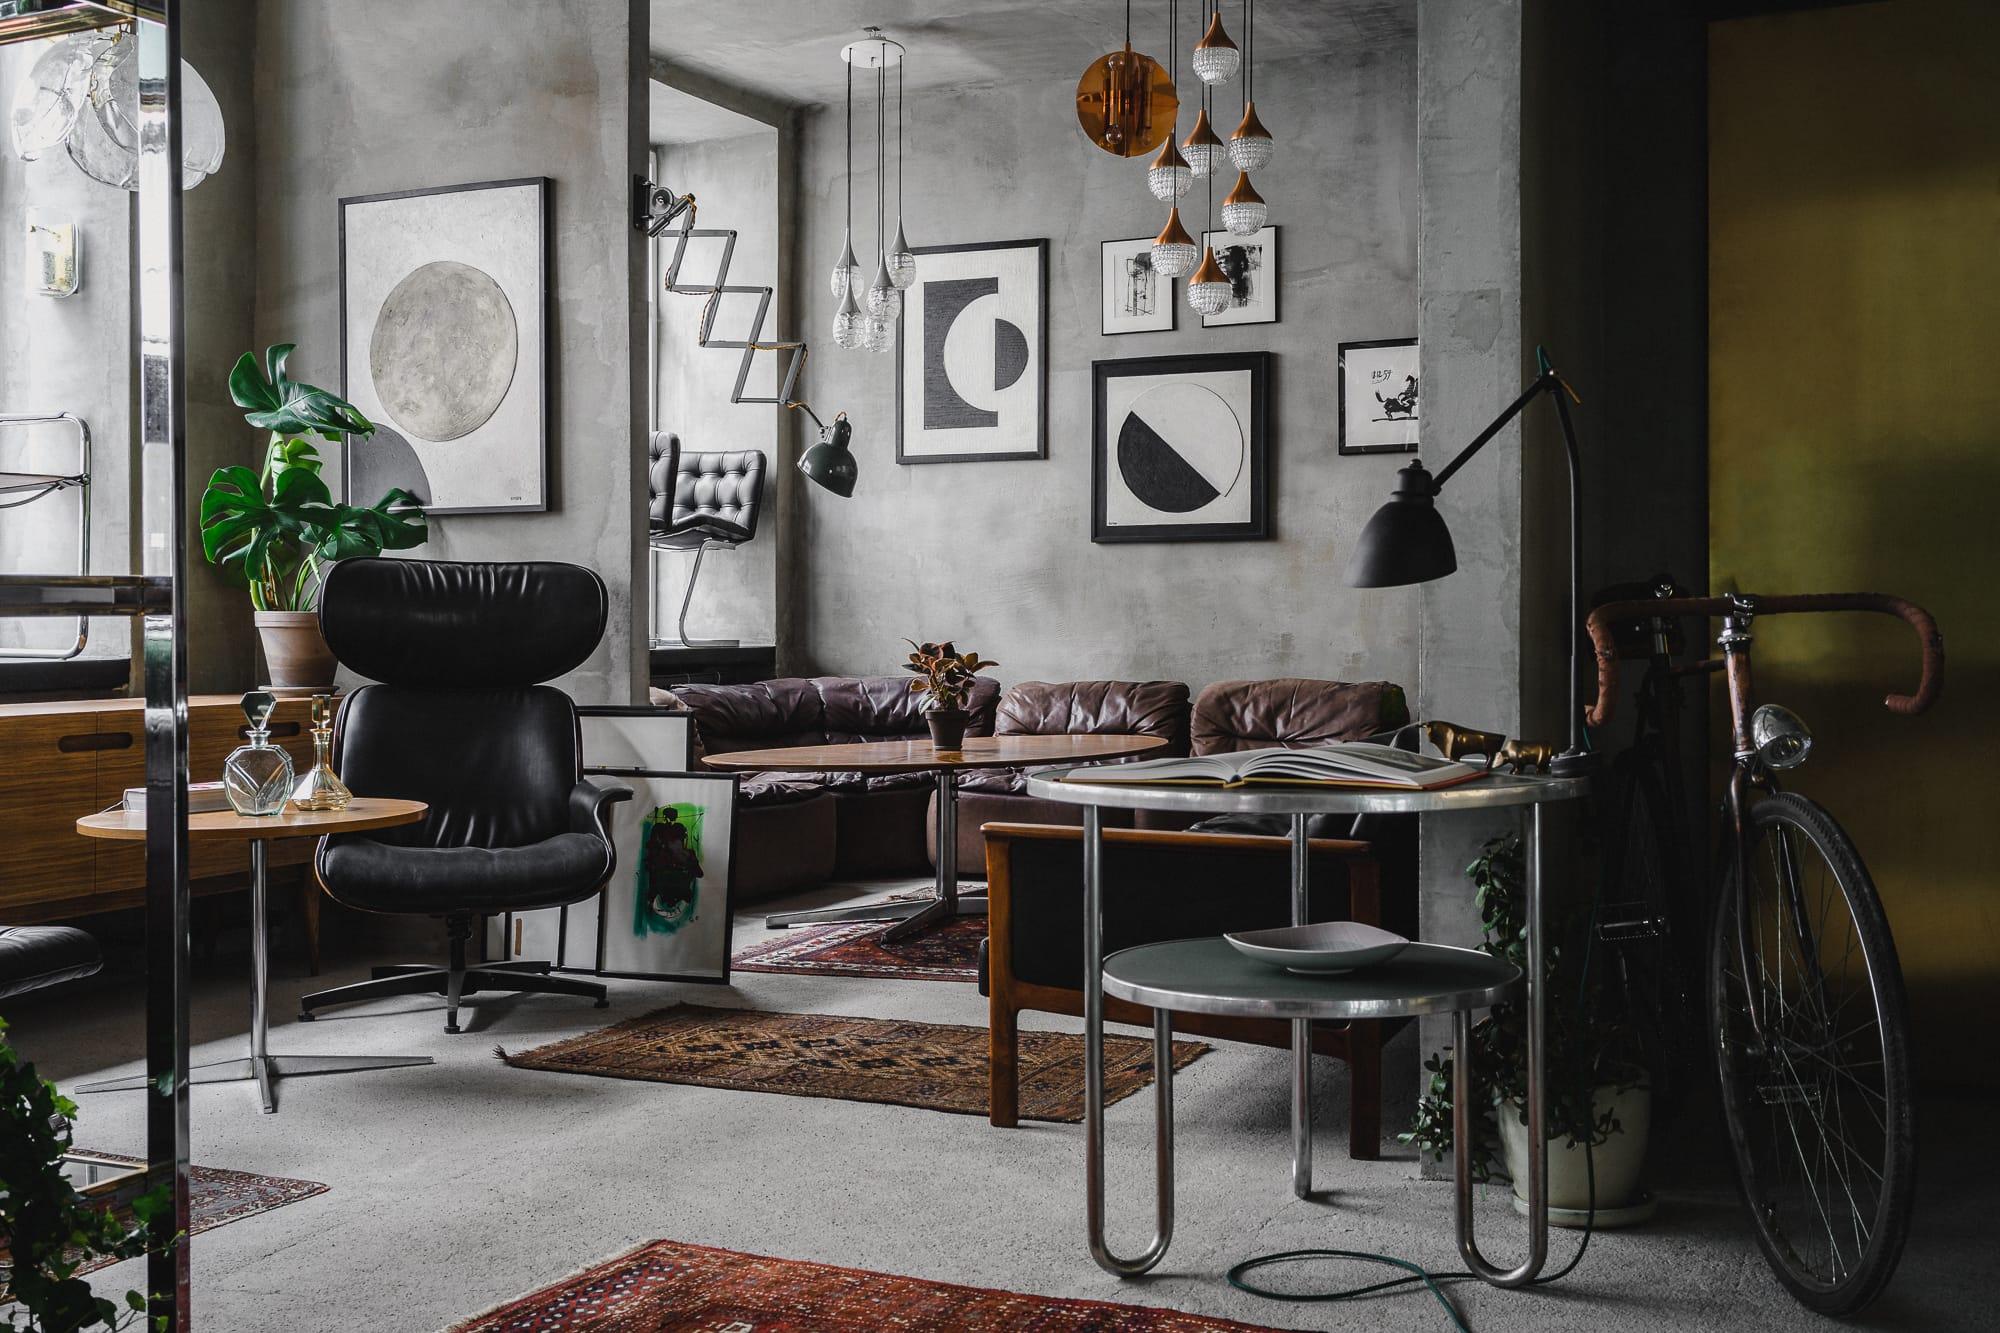 yarmush-interiors-garagegarage-1911211543-0805